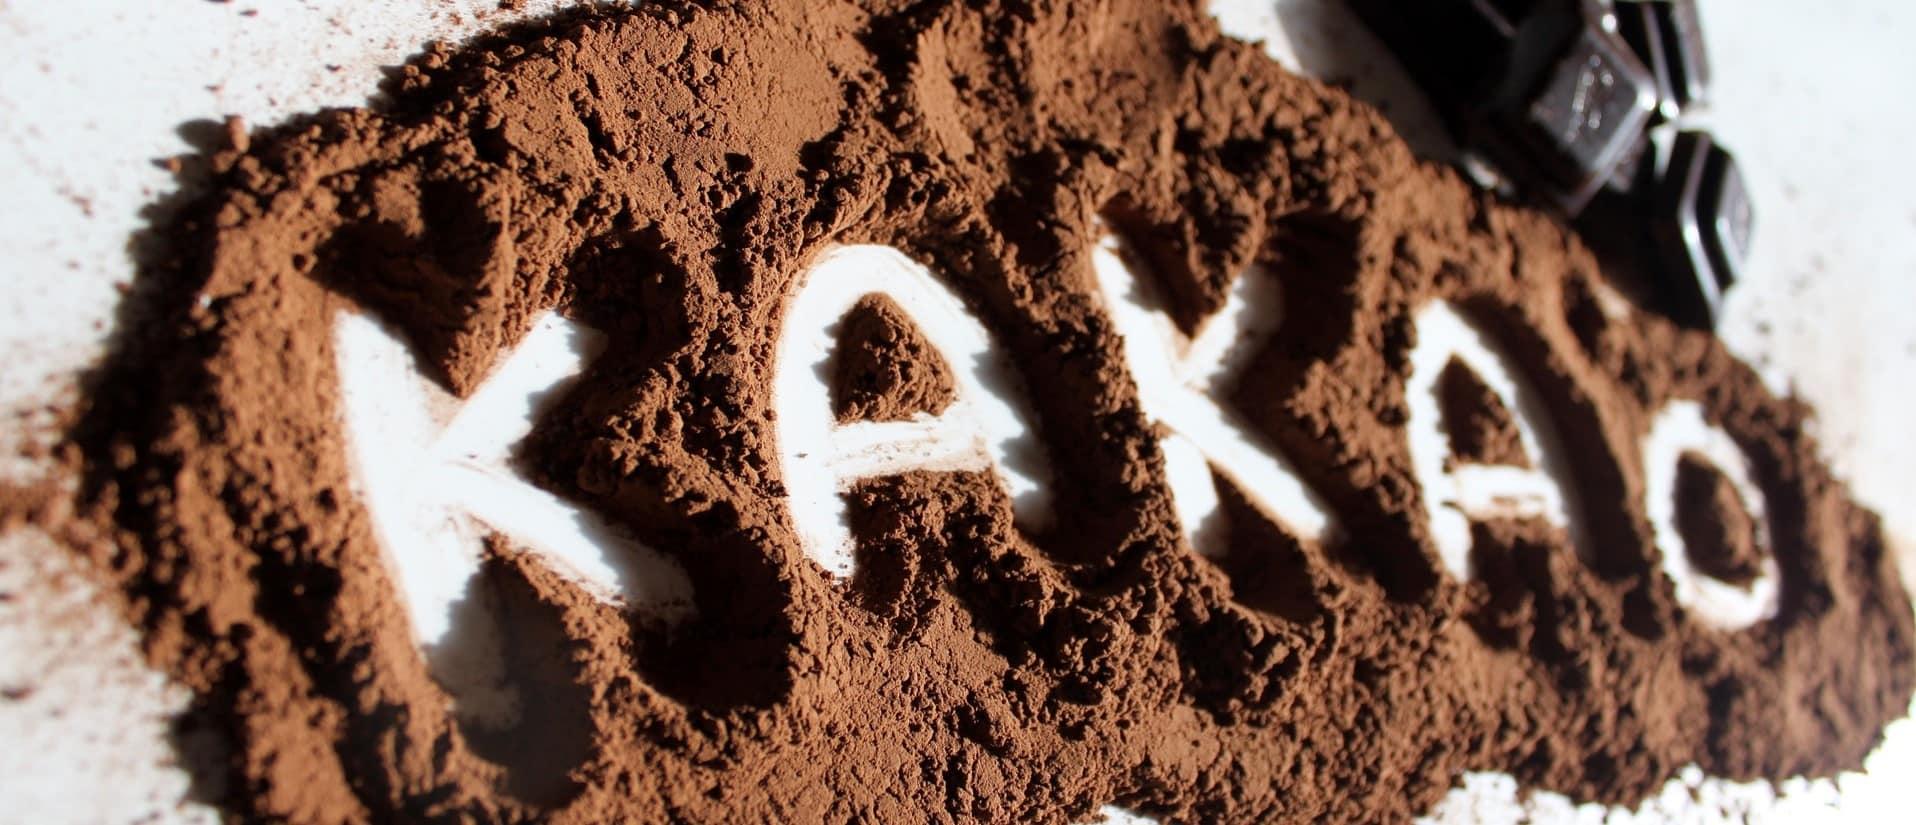 jak zrobic kakao dobry przepis